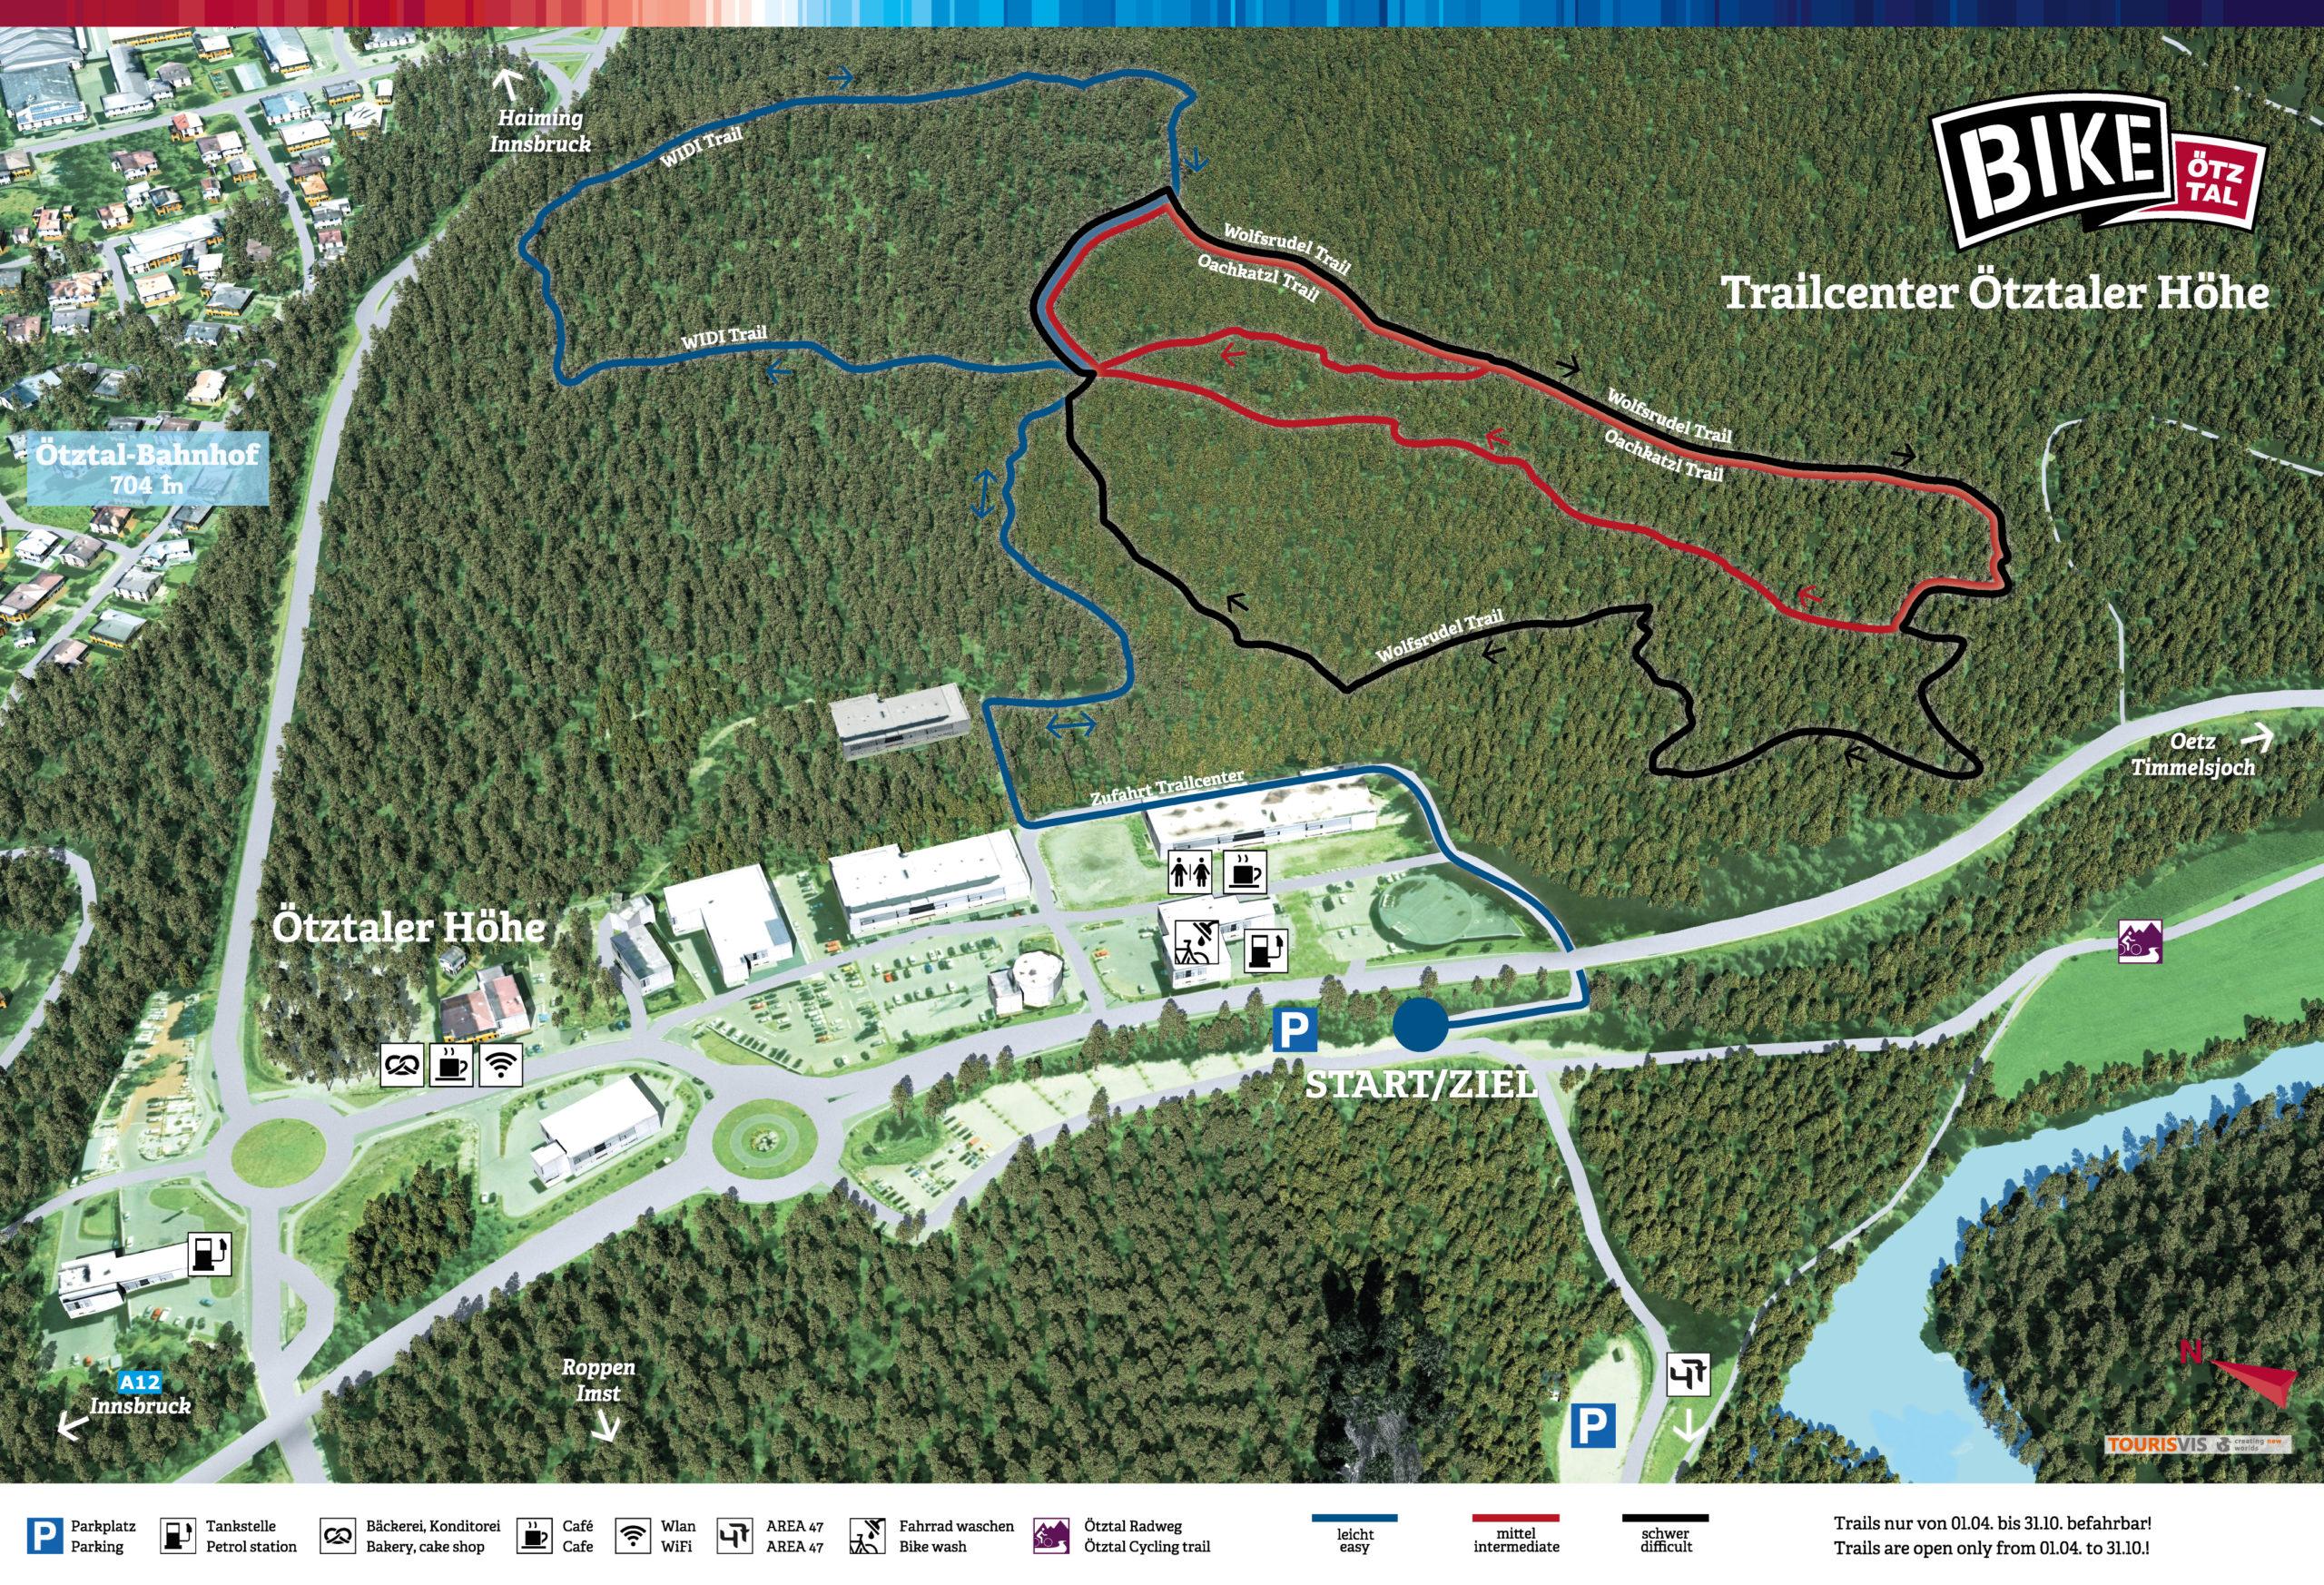 3D Panoramakarte Bike Oetztaler Hoehe Trailcenter